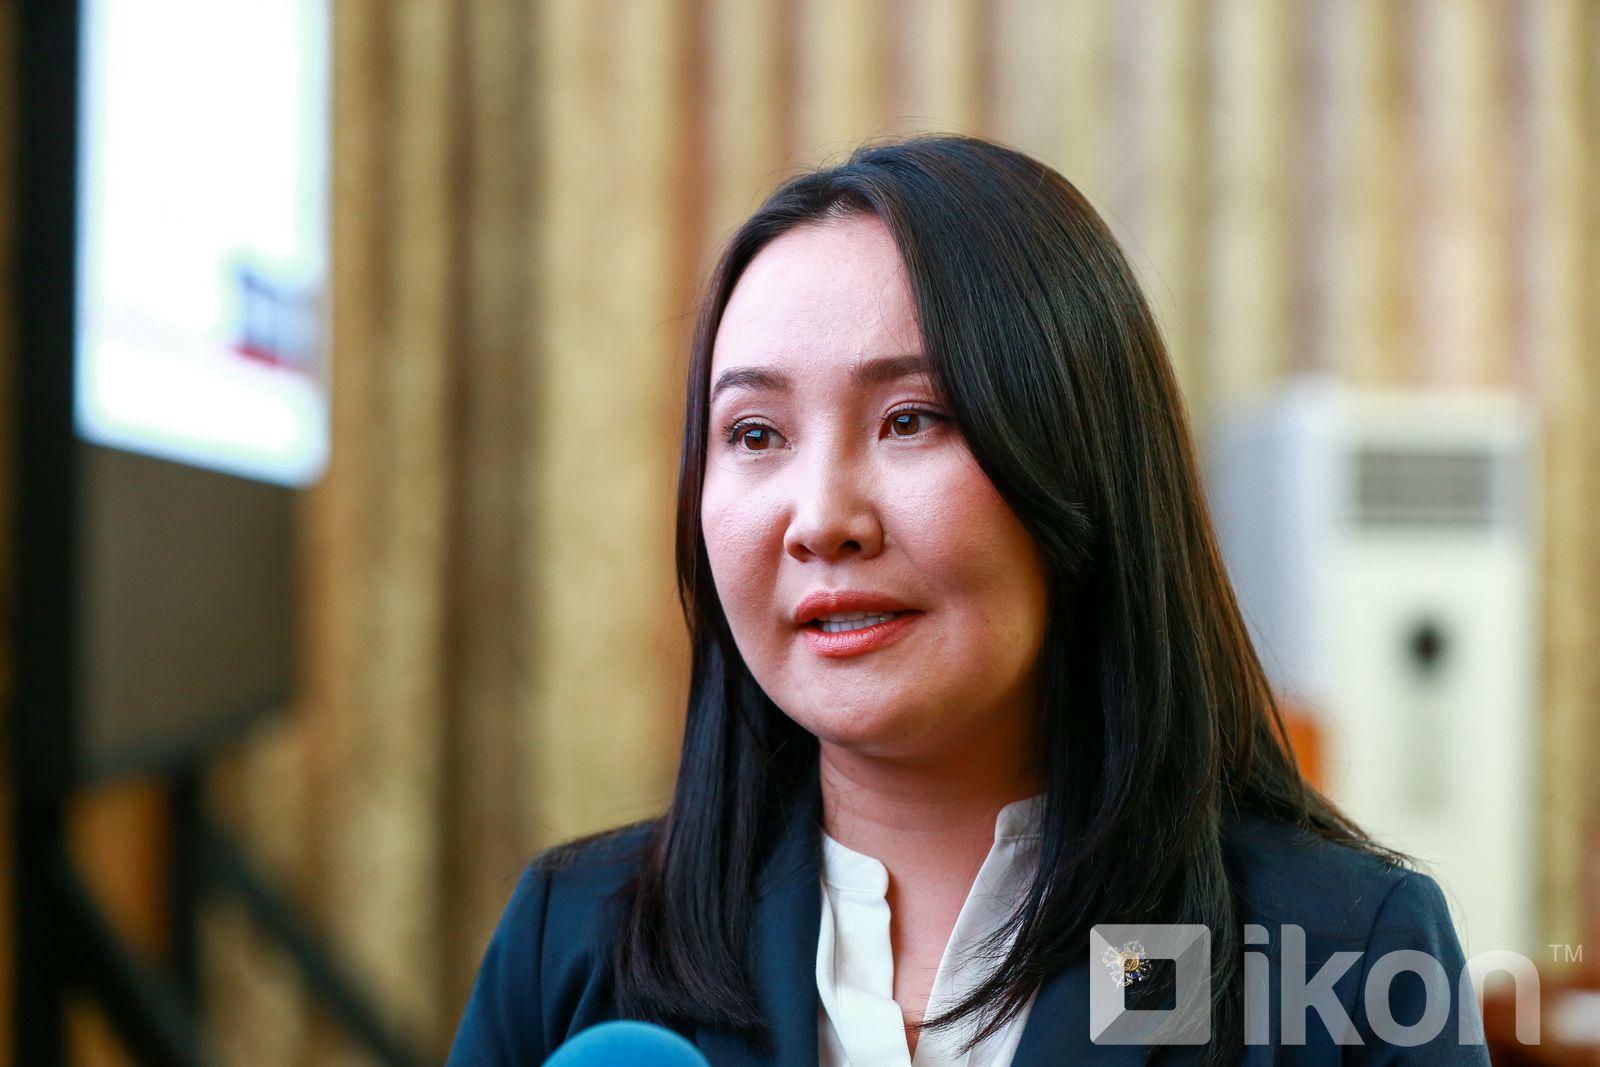 Ч.Ундрам: Ойрын дөрвөн жил Монгол Улсад гаднаа жорлонтой сургууль, цэцэрлэг байхгүй болсон байна